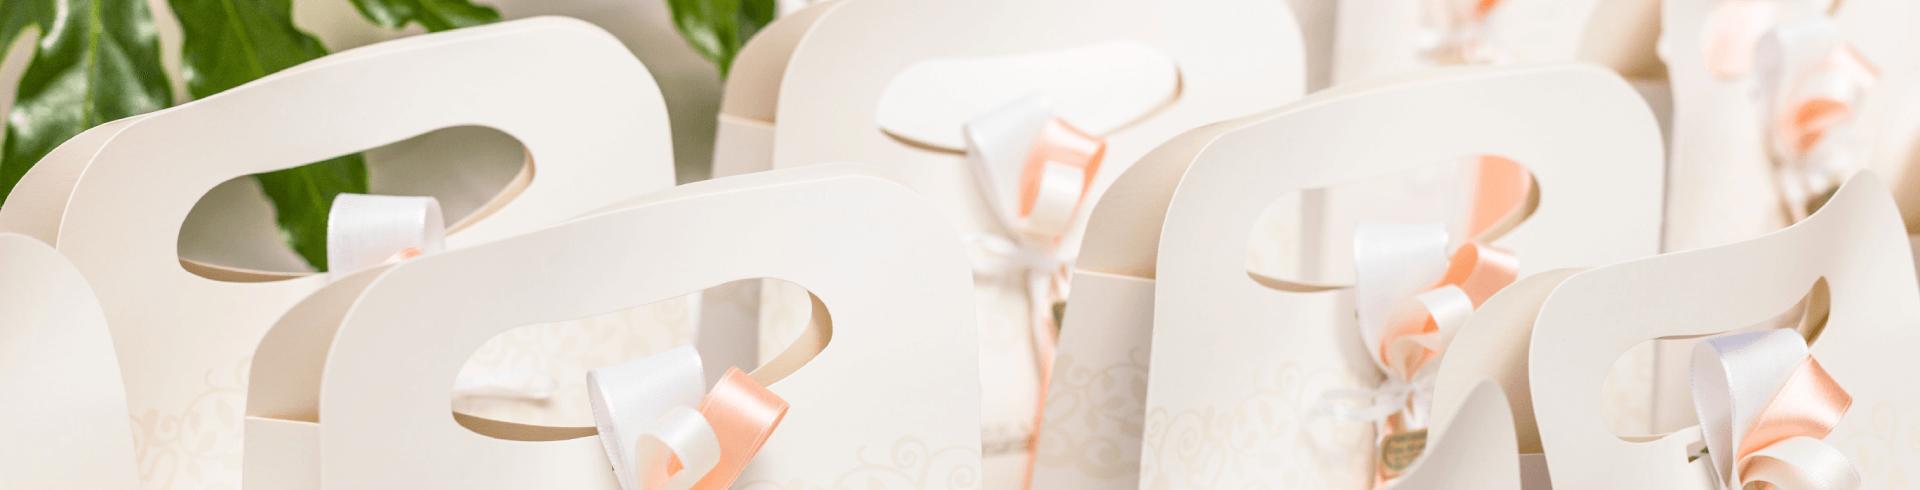 Esküvői dobozok